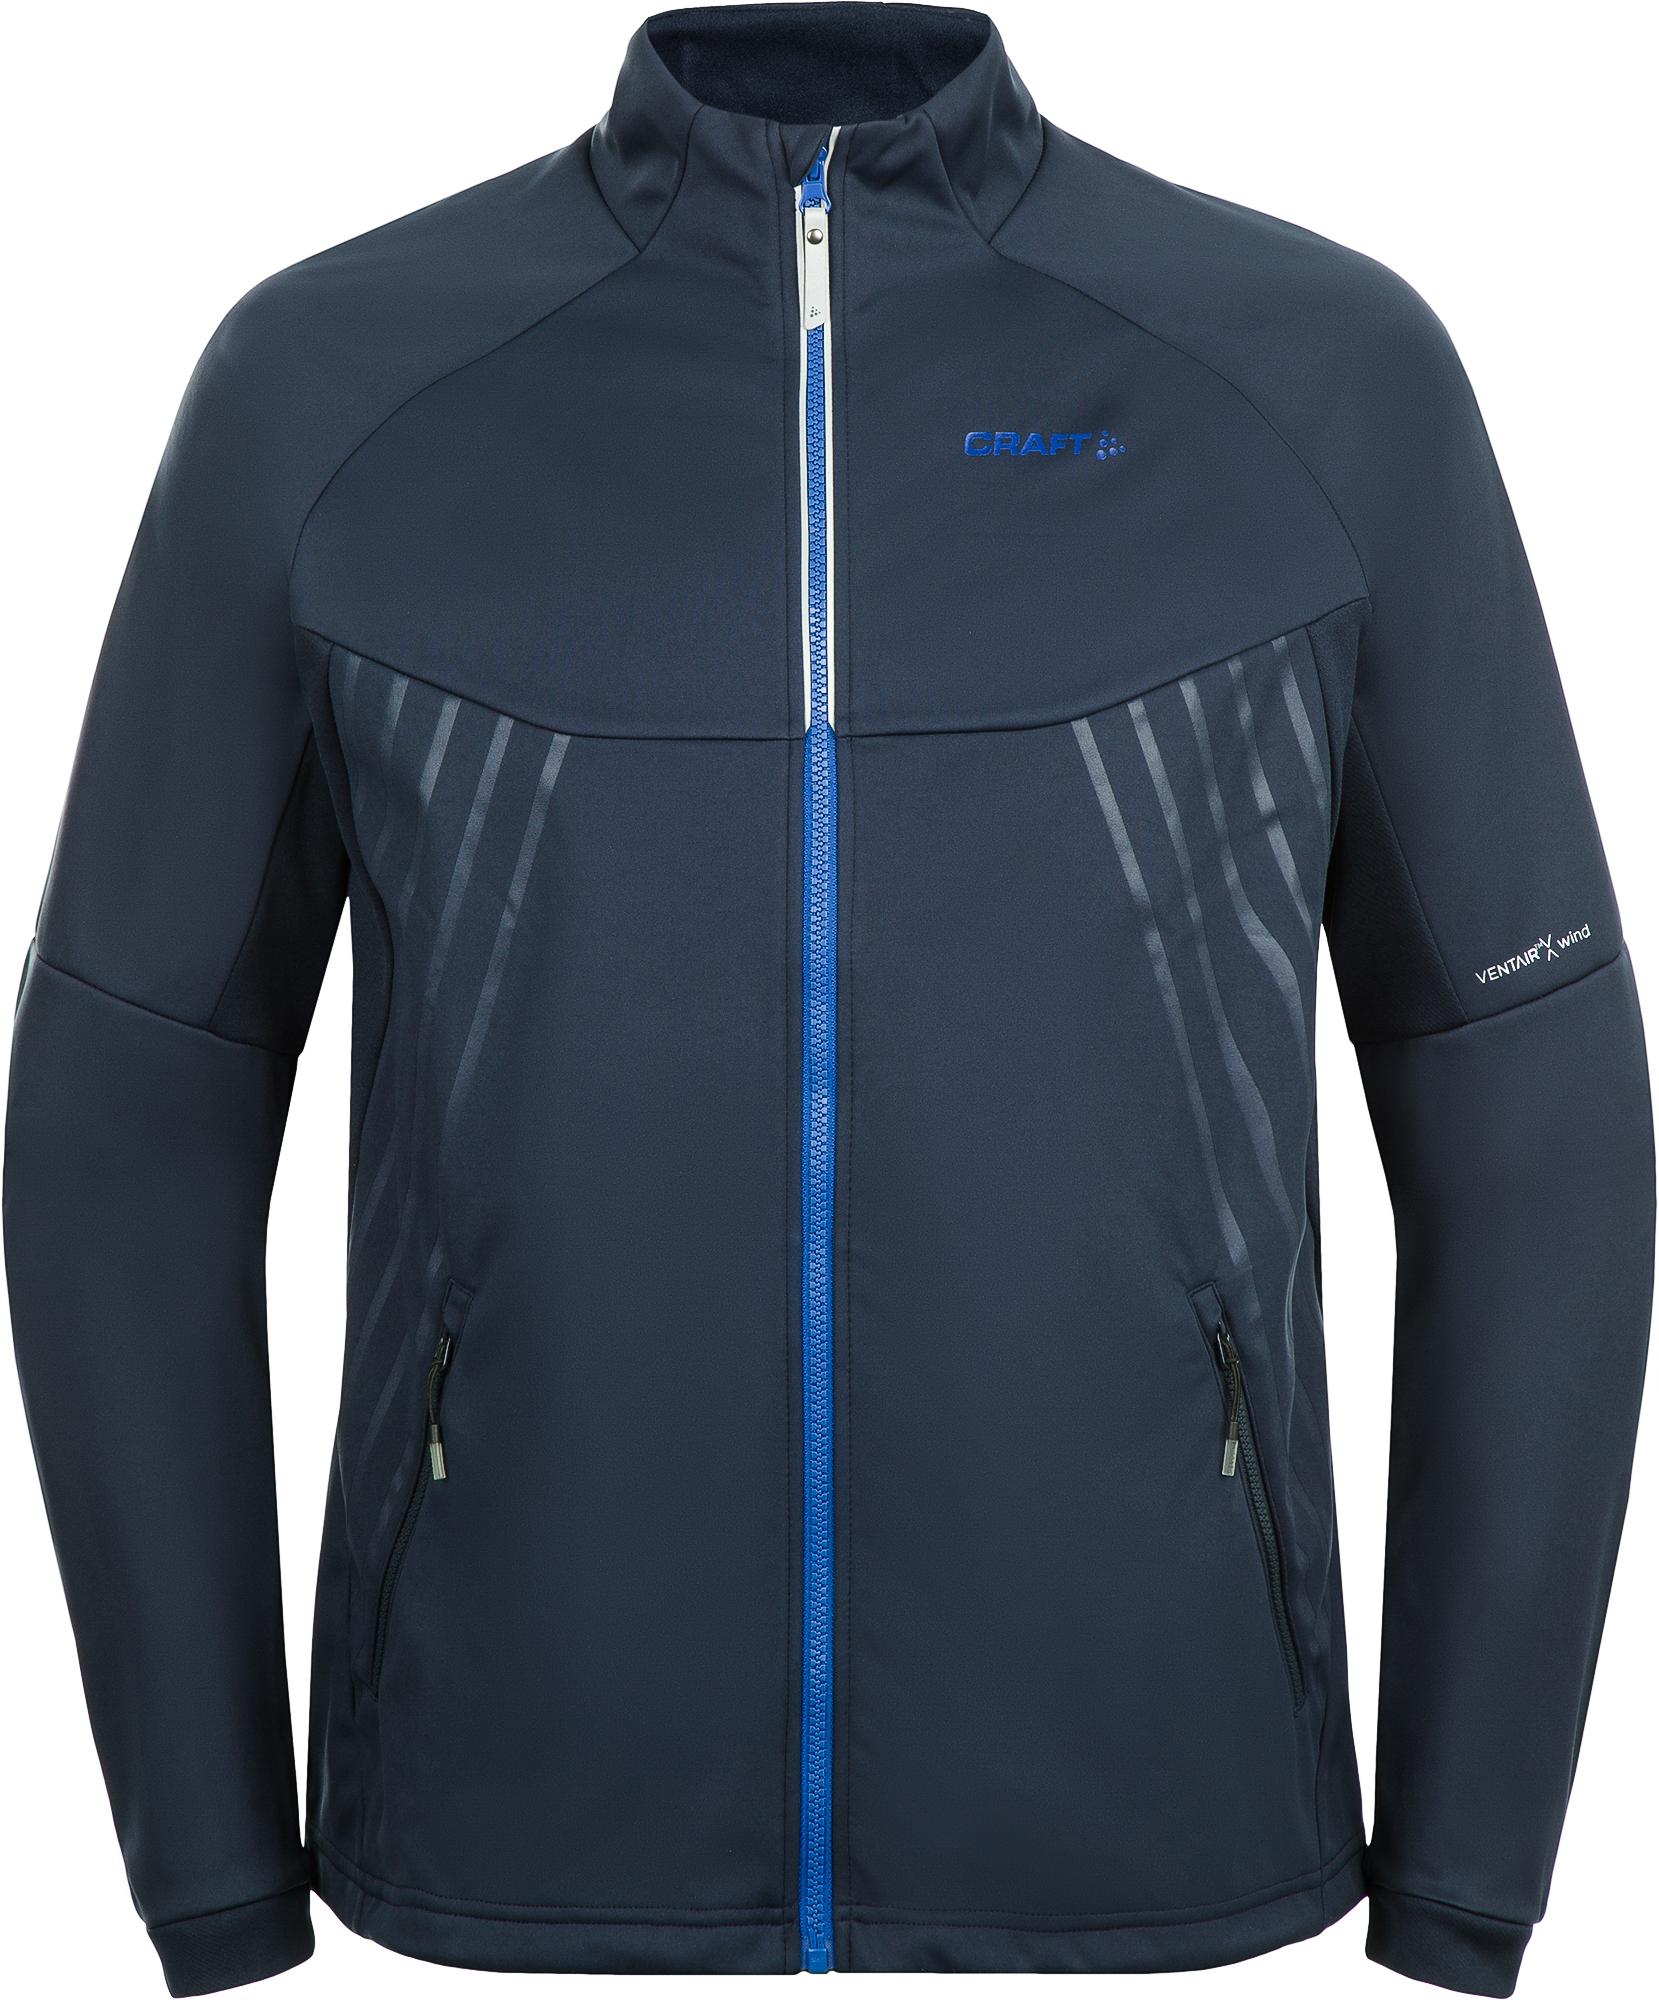 Фото - Craft Куртка мужская Craft Warm Train, размер 48-50 craft куртка мужская craft размер 52